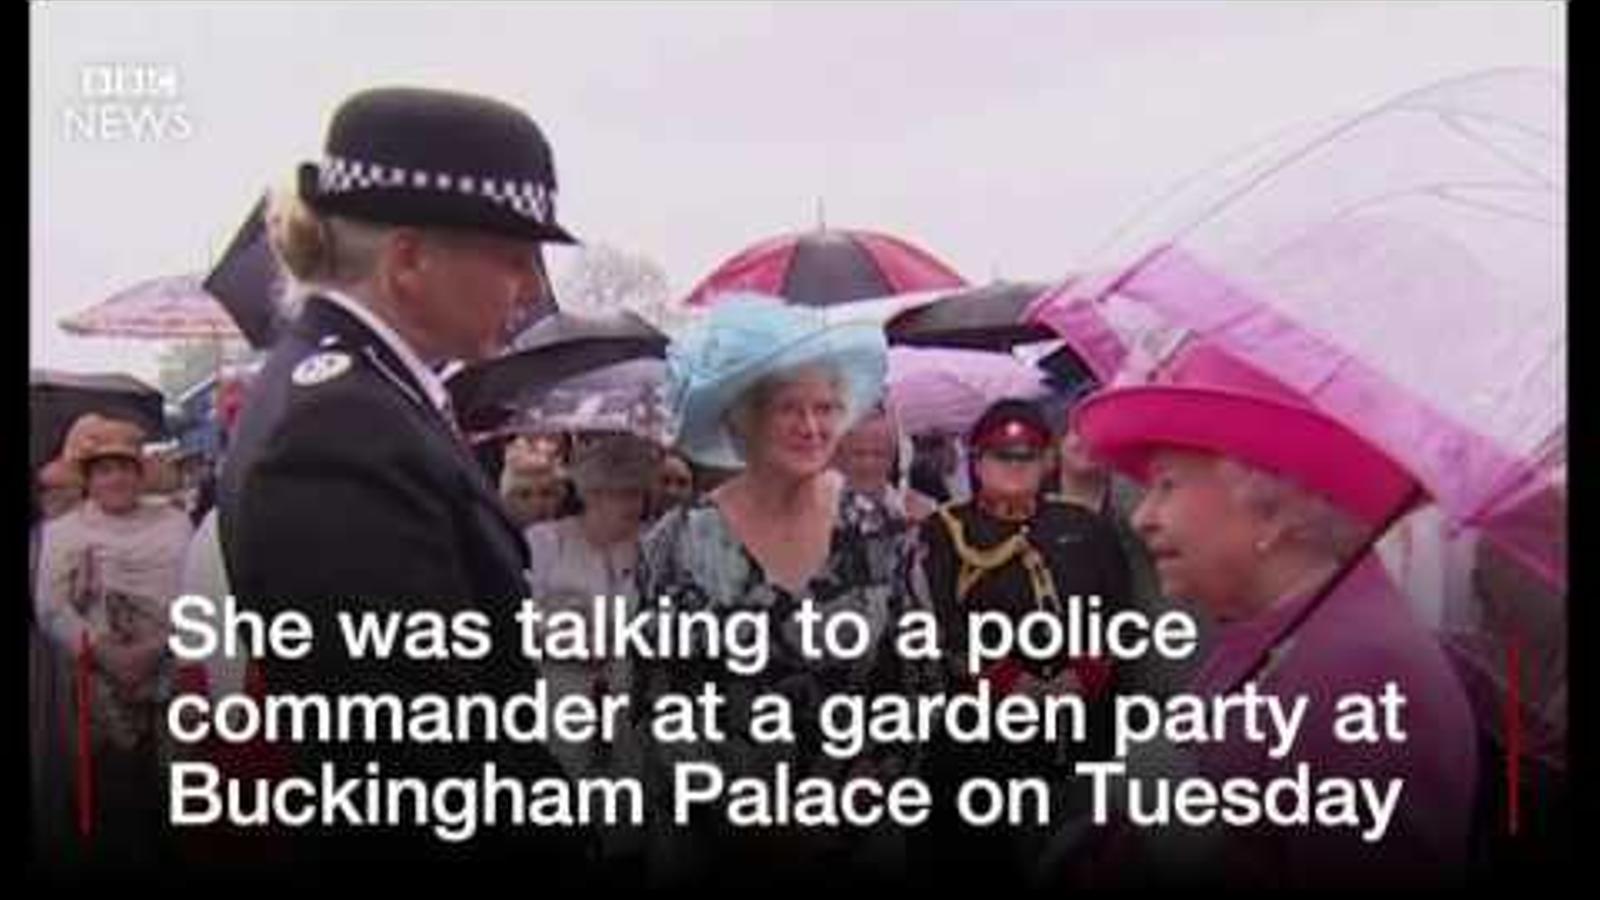 La reina Isabel II diu que els xinesos són uns maleducats